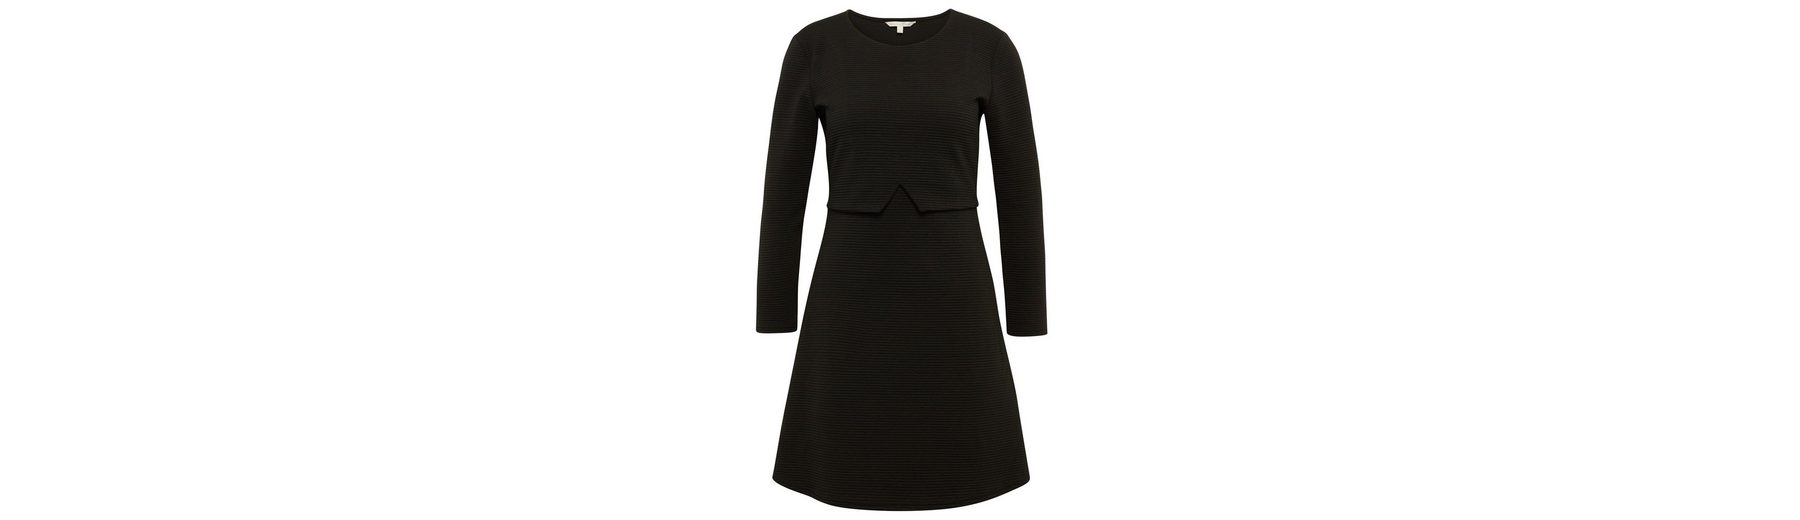 Tom Tailor Denim Jerseykleid Kleid mit Streifen-Struktur Rabatt Klassisch Günstige Verkaufspreise Neue Preiswerte Online Billig Verkauf Blick zTvFQx1fQ